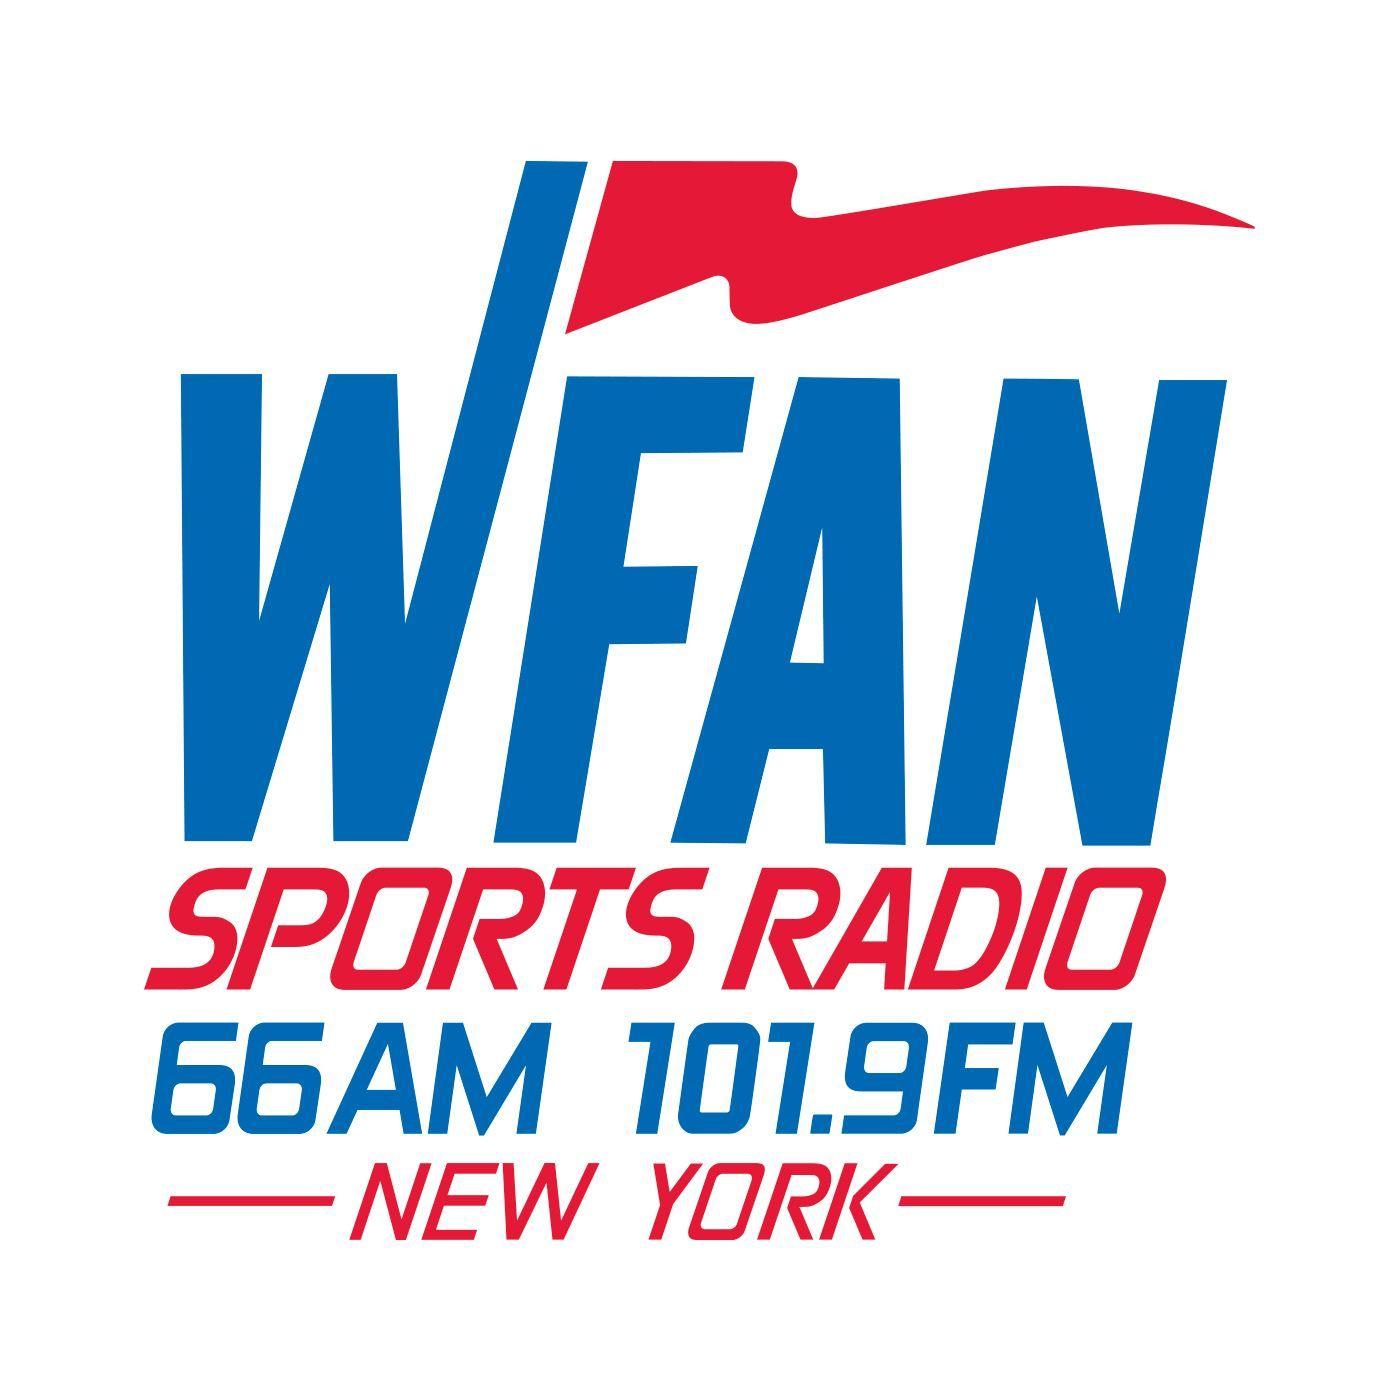 WFAN Sports Radio 66AM & 101.9 FM New York on